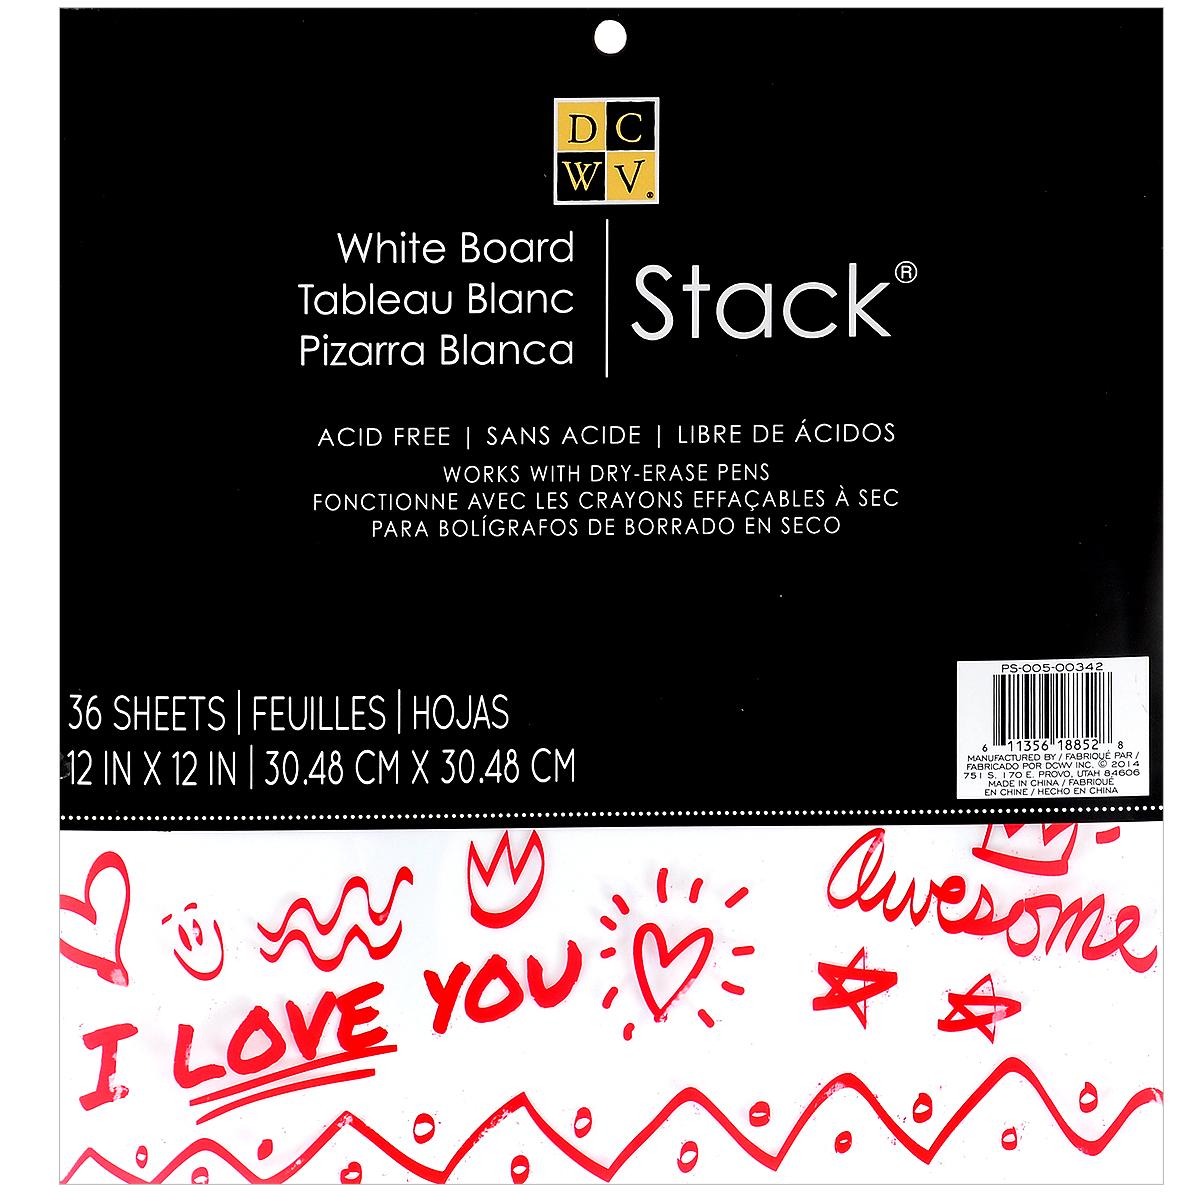 Набор бумаги для скрапбукинга White Board Stack, 36 листов531-105Набор глянцевой бумаги White Board Stack позволит создавать всевозможные аппликации и поделки. Набор включает бумагу следующих цветов: белый, бежевый. Создание поделок из цветной бумаги поможет ребенку развить творческие способности, кроме того, это увлекательный досуг для детей и взрослых.Скрапбукинг - это хобби, которое способно приносить массу приятных эмоций не только человеку, который занимается скрапбукингом, но и его близким, друзьям, родным. Это невероятно увлекательное занятие, которое поможет вам сохранить наиболее памятные и яркие моменты вашей жизни для вас и даже ваших потомков. В набор входит 36 листов белого цвета.Размер листа: 30,4 см х 30,4 см.